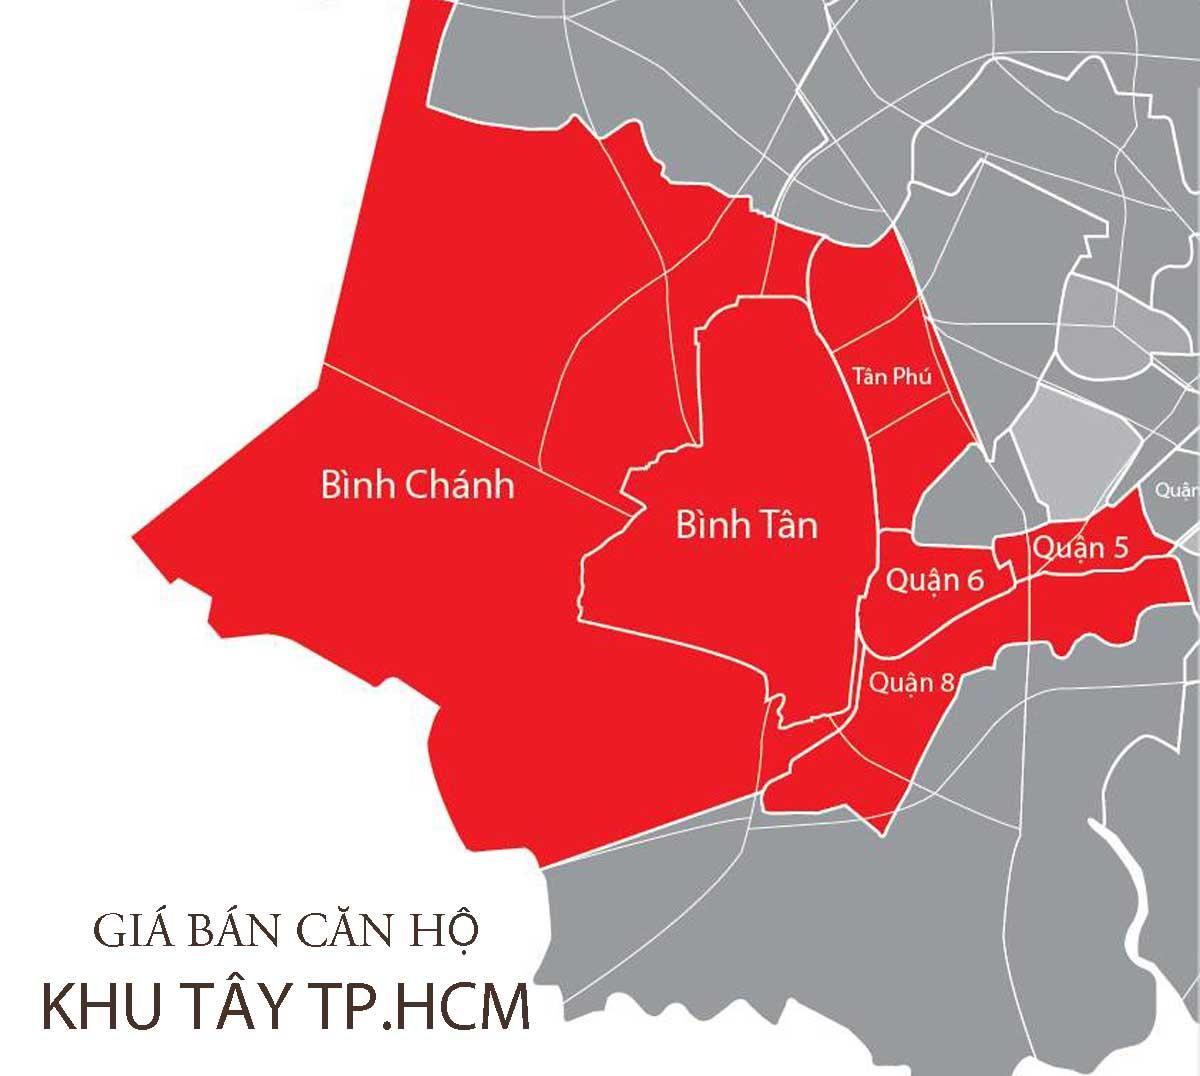 gia ban can ho khu tay tphcm - CẬP NHẬT GIÁ BÁN CĂN HỘ TẠI TP.HCM NĂM 2020